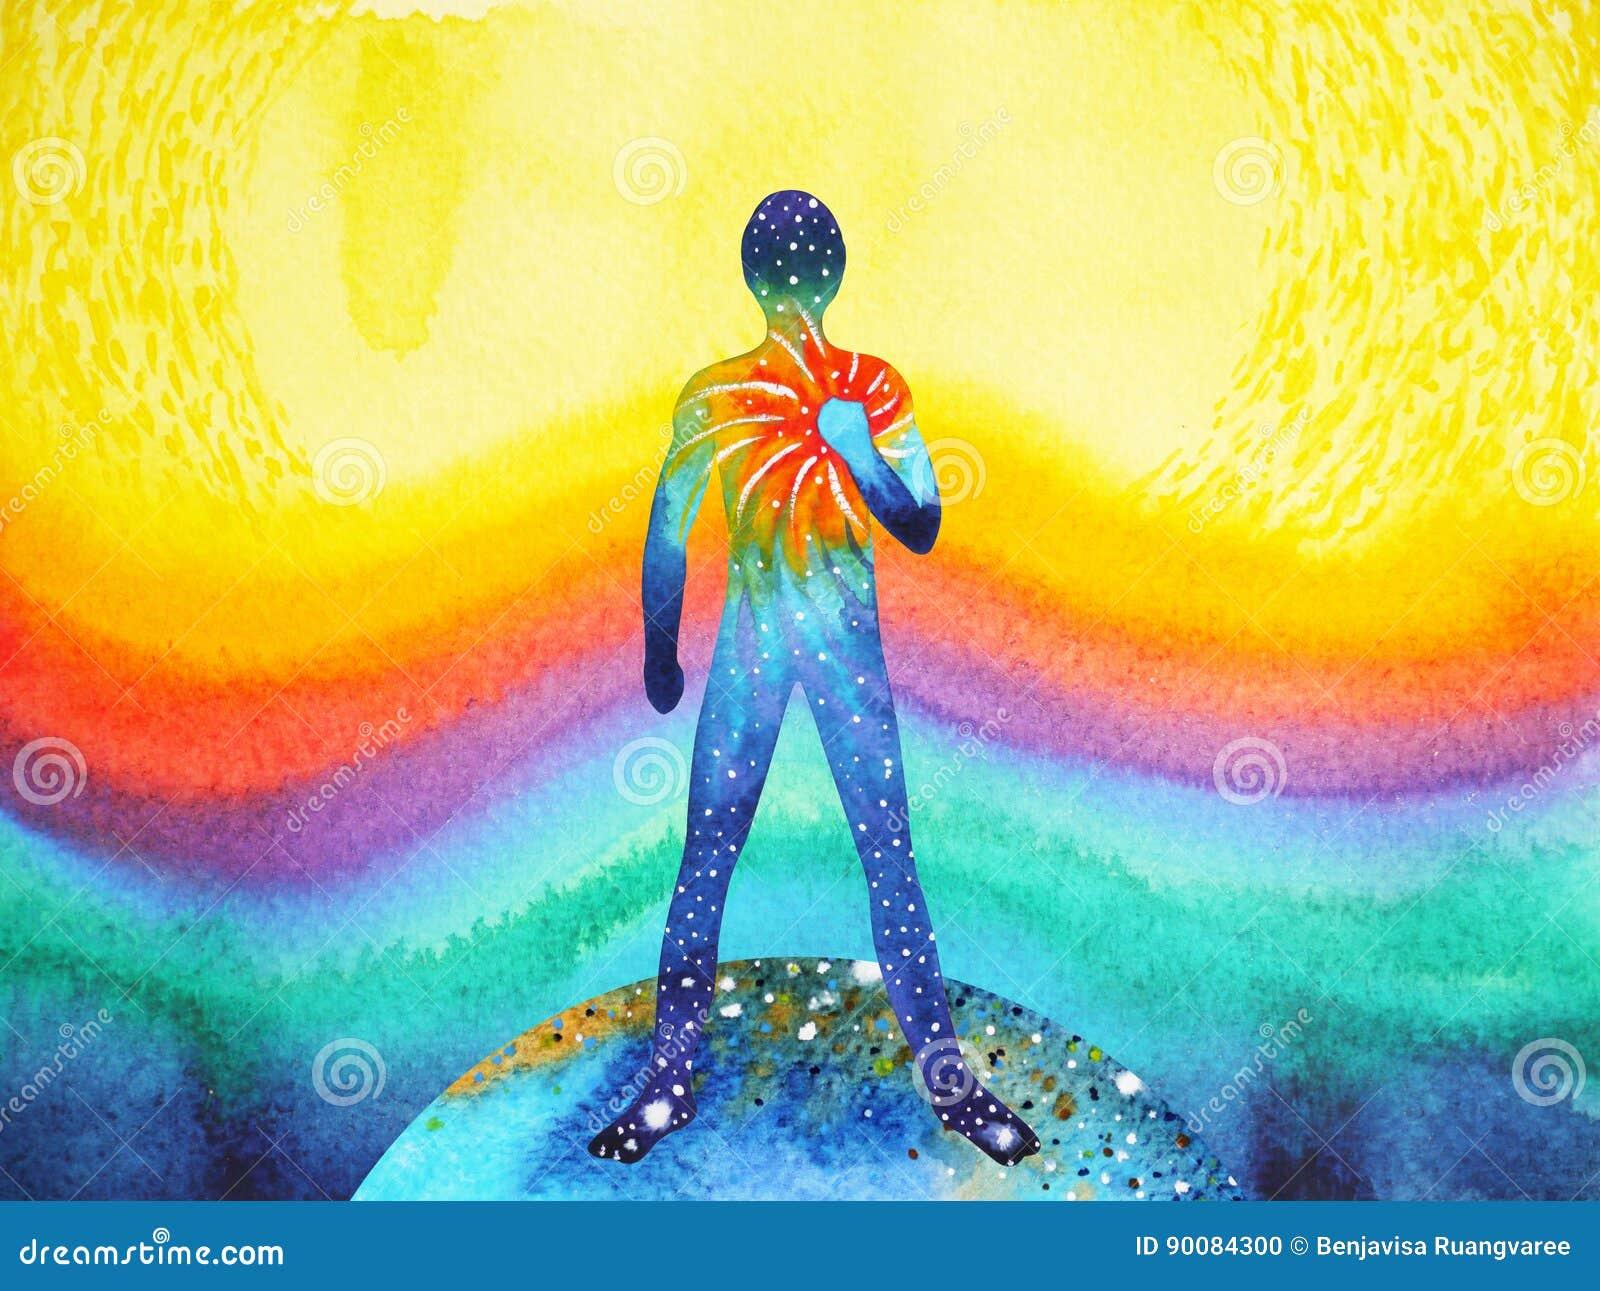 Puissance d humain et d univers, peinture d aquarelle, reiki de chakra, univers du monde à l intérieur de votre esprit